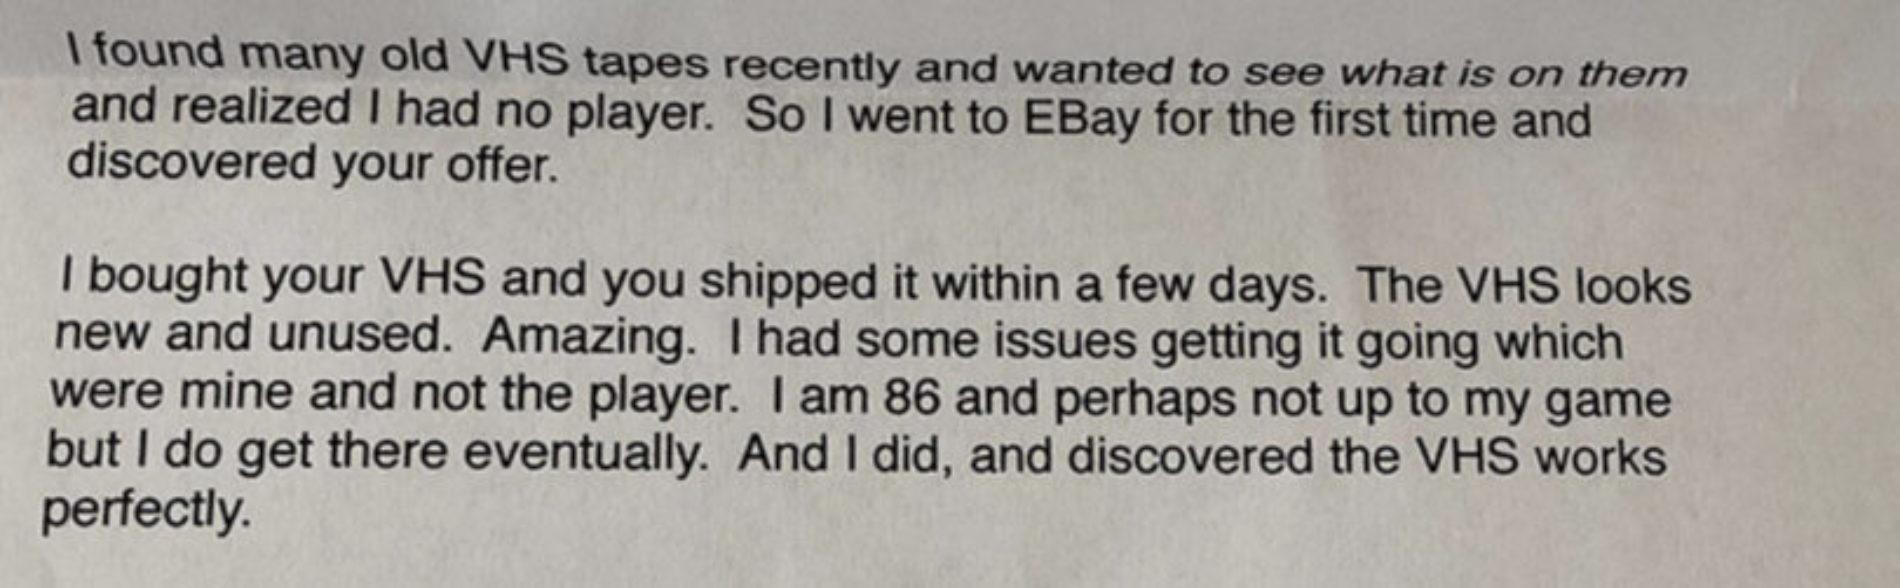 Mann selger videospiller til 86-åring – får fantastisk brev tilbake!